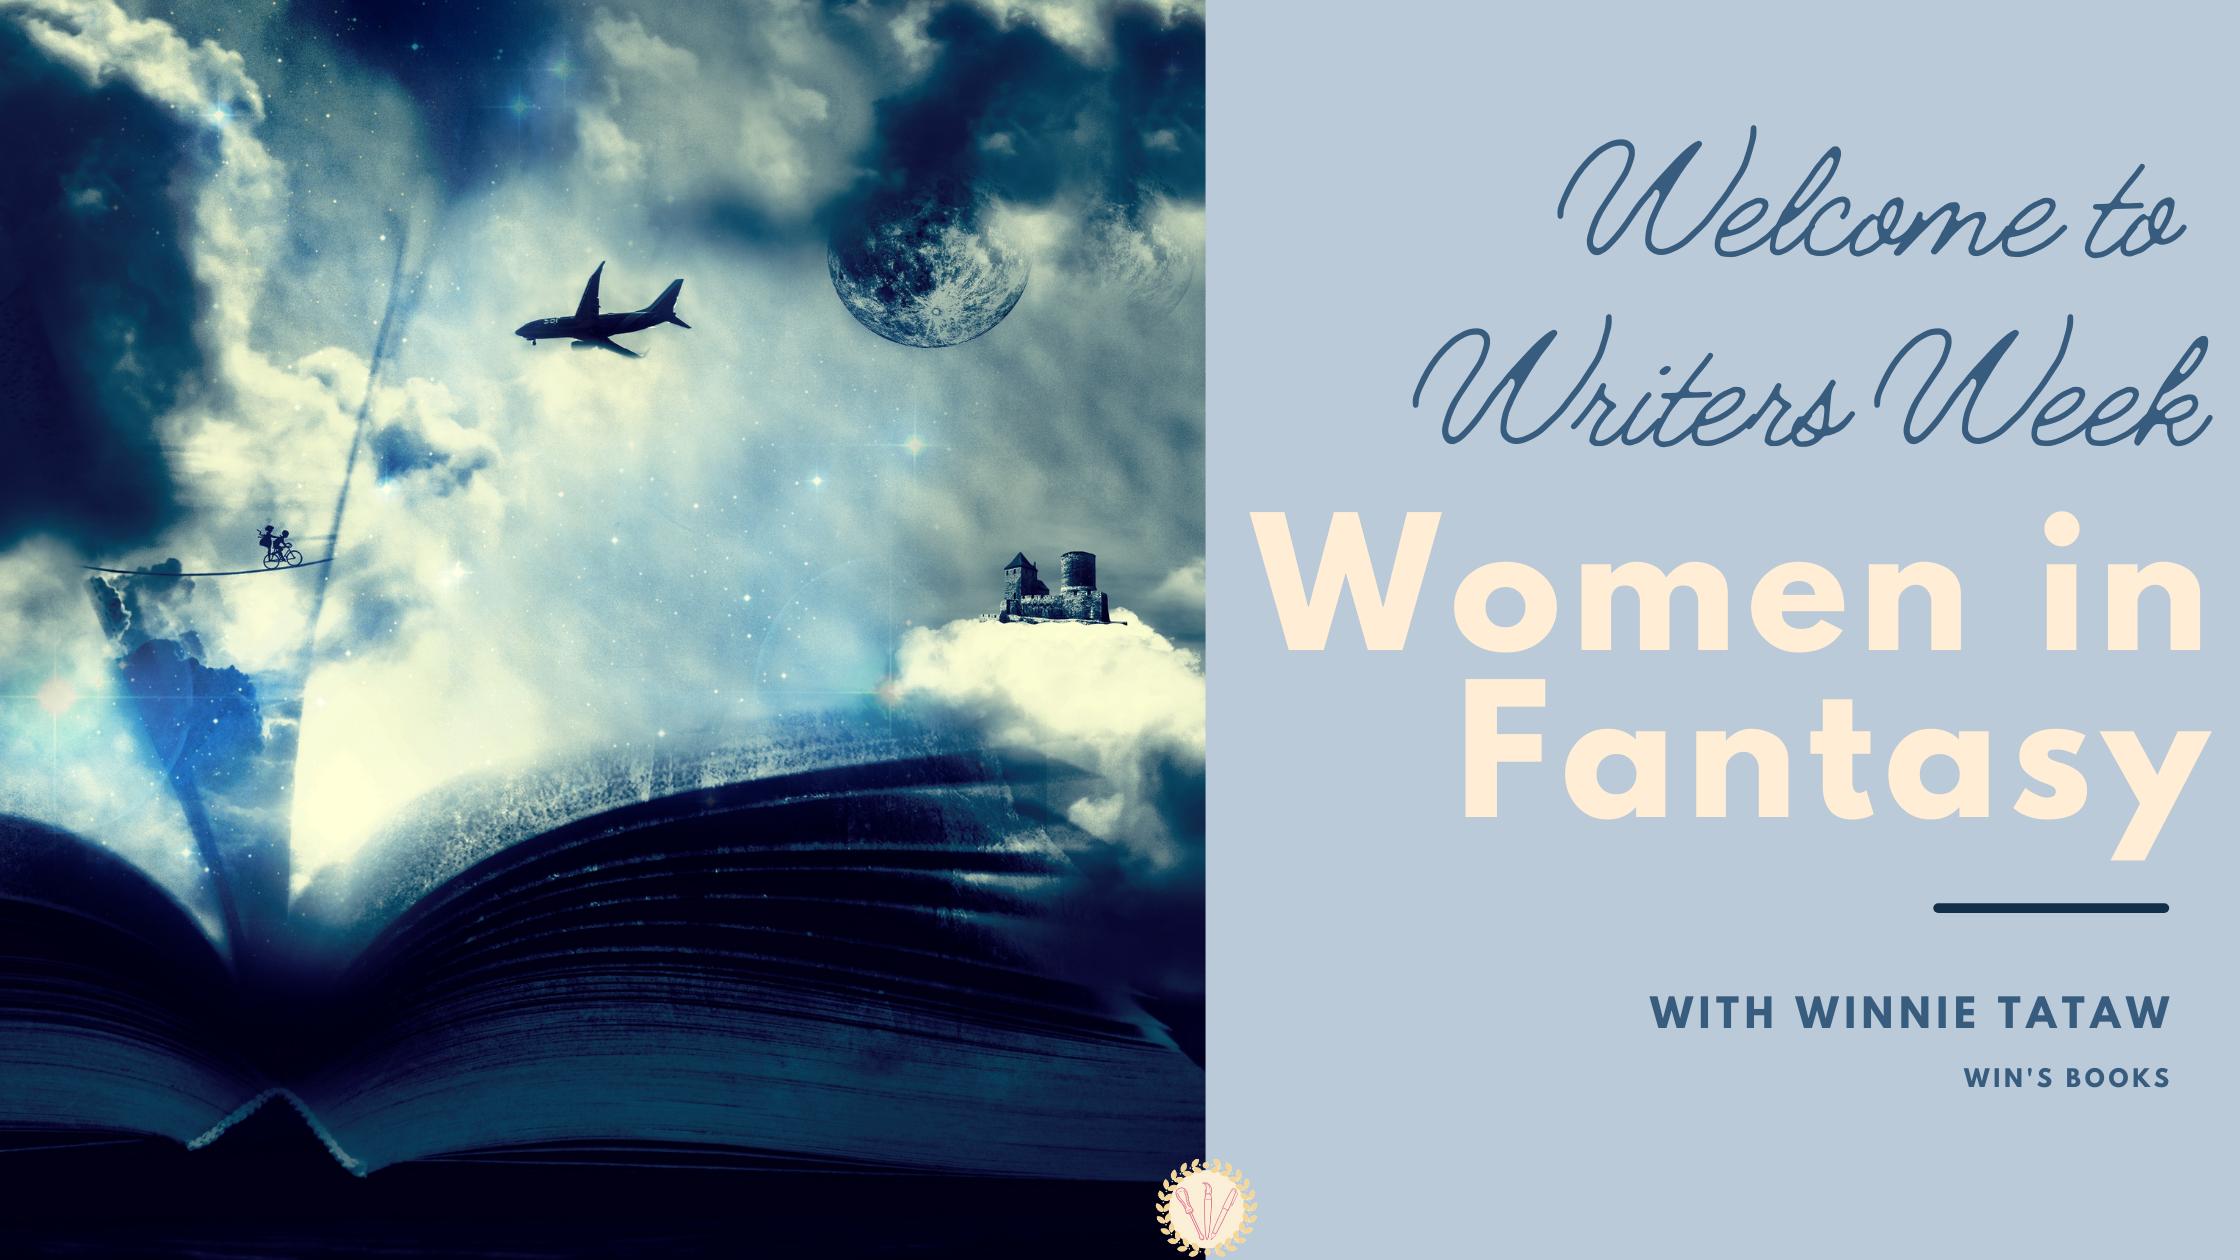 writers week women in fantasy